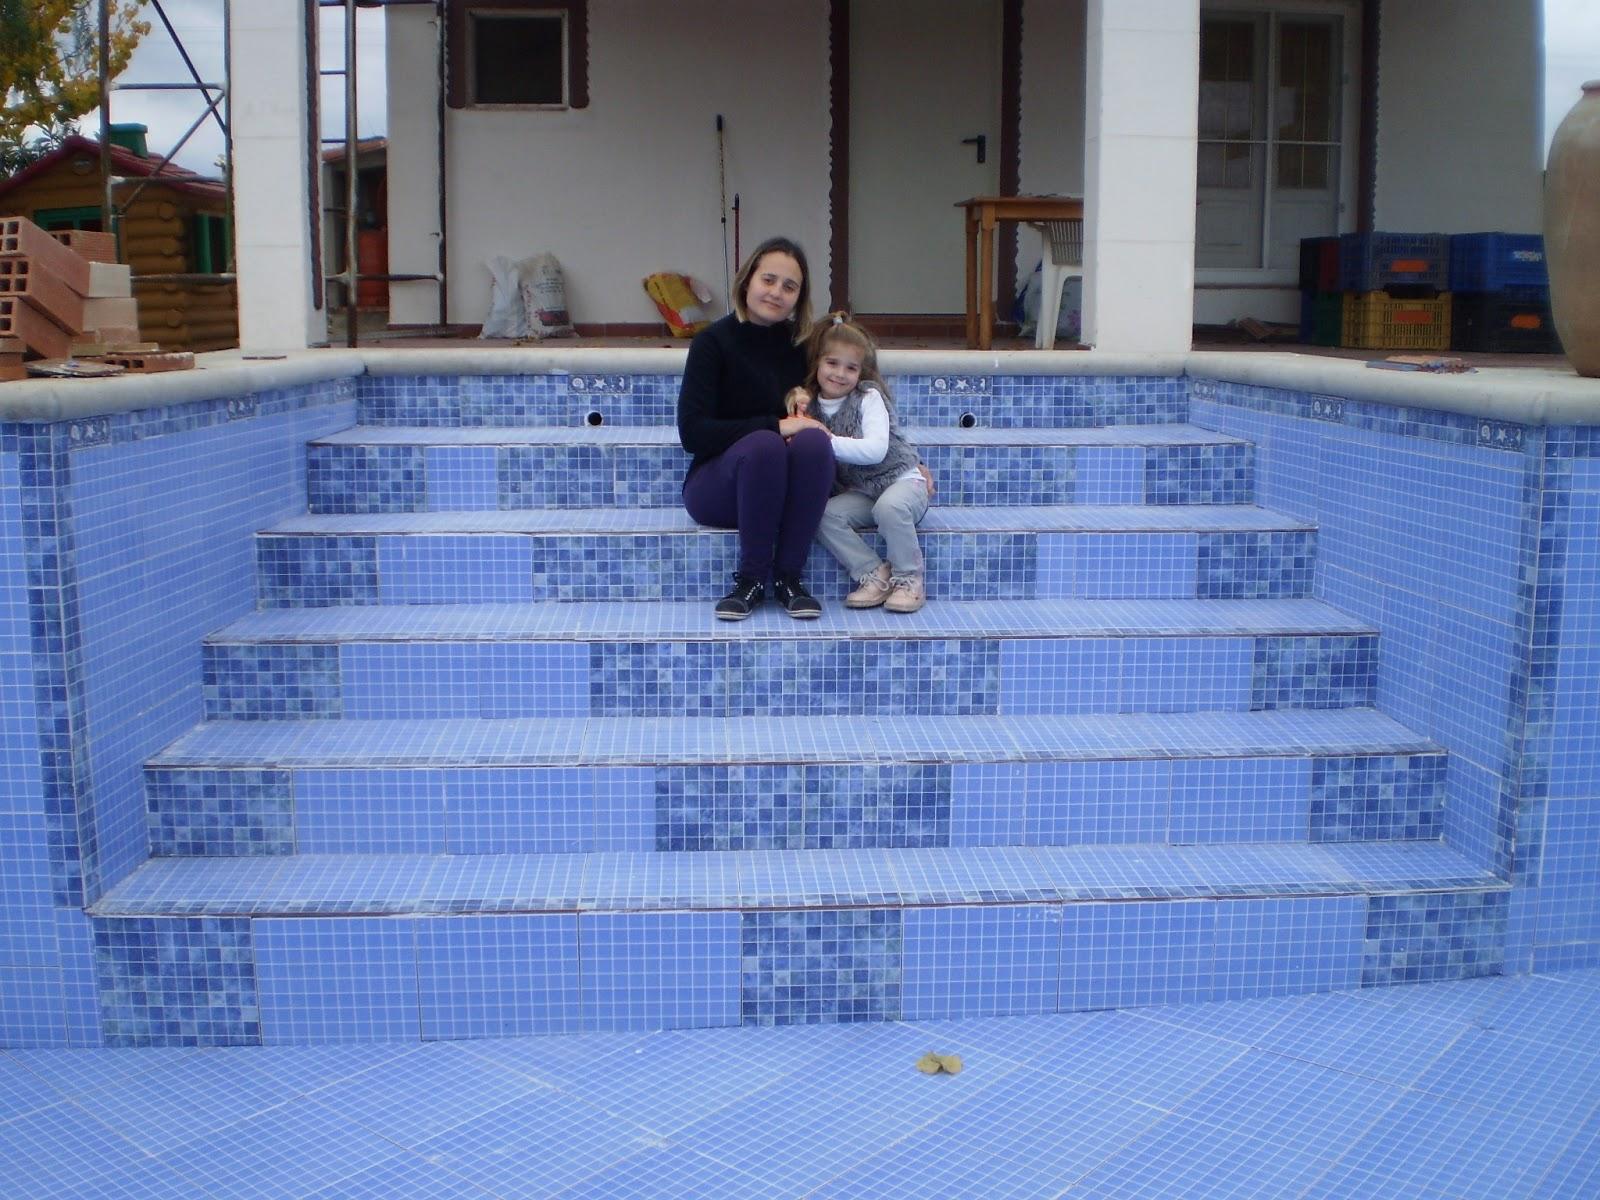 El blog de la elena un blog dulce divertido y for Piscinas caseras